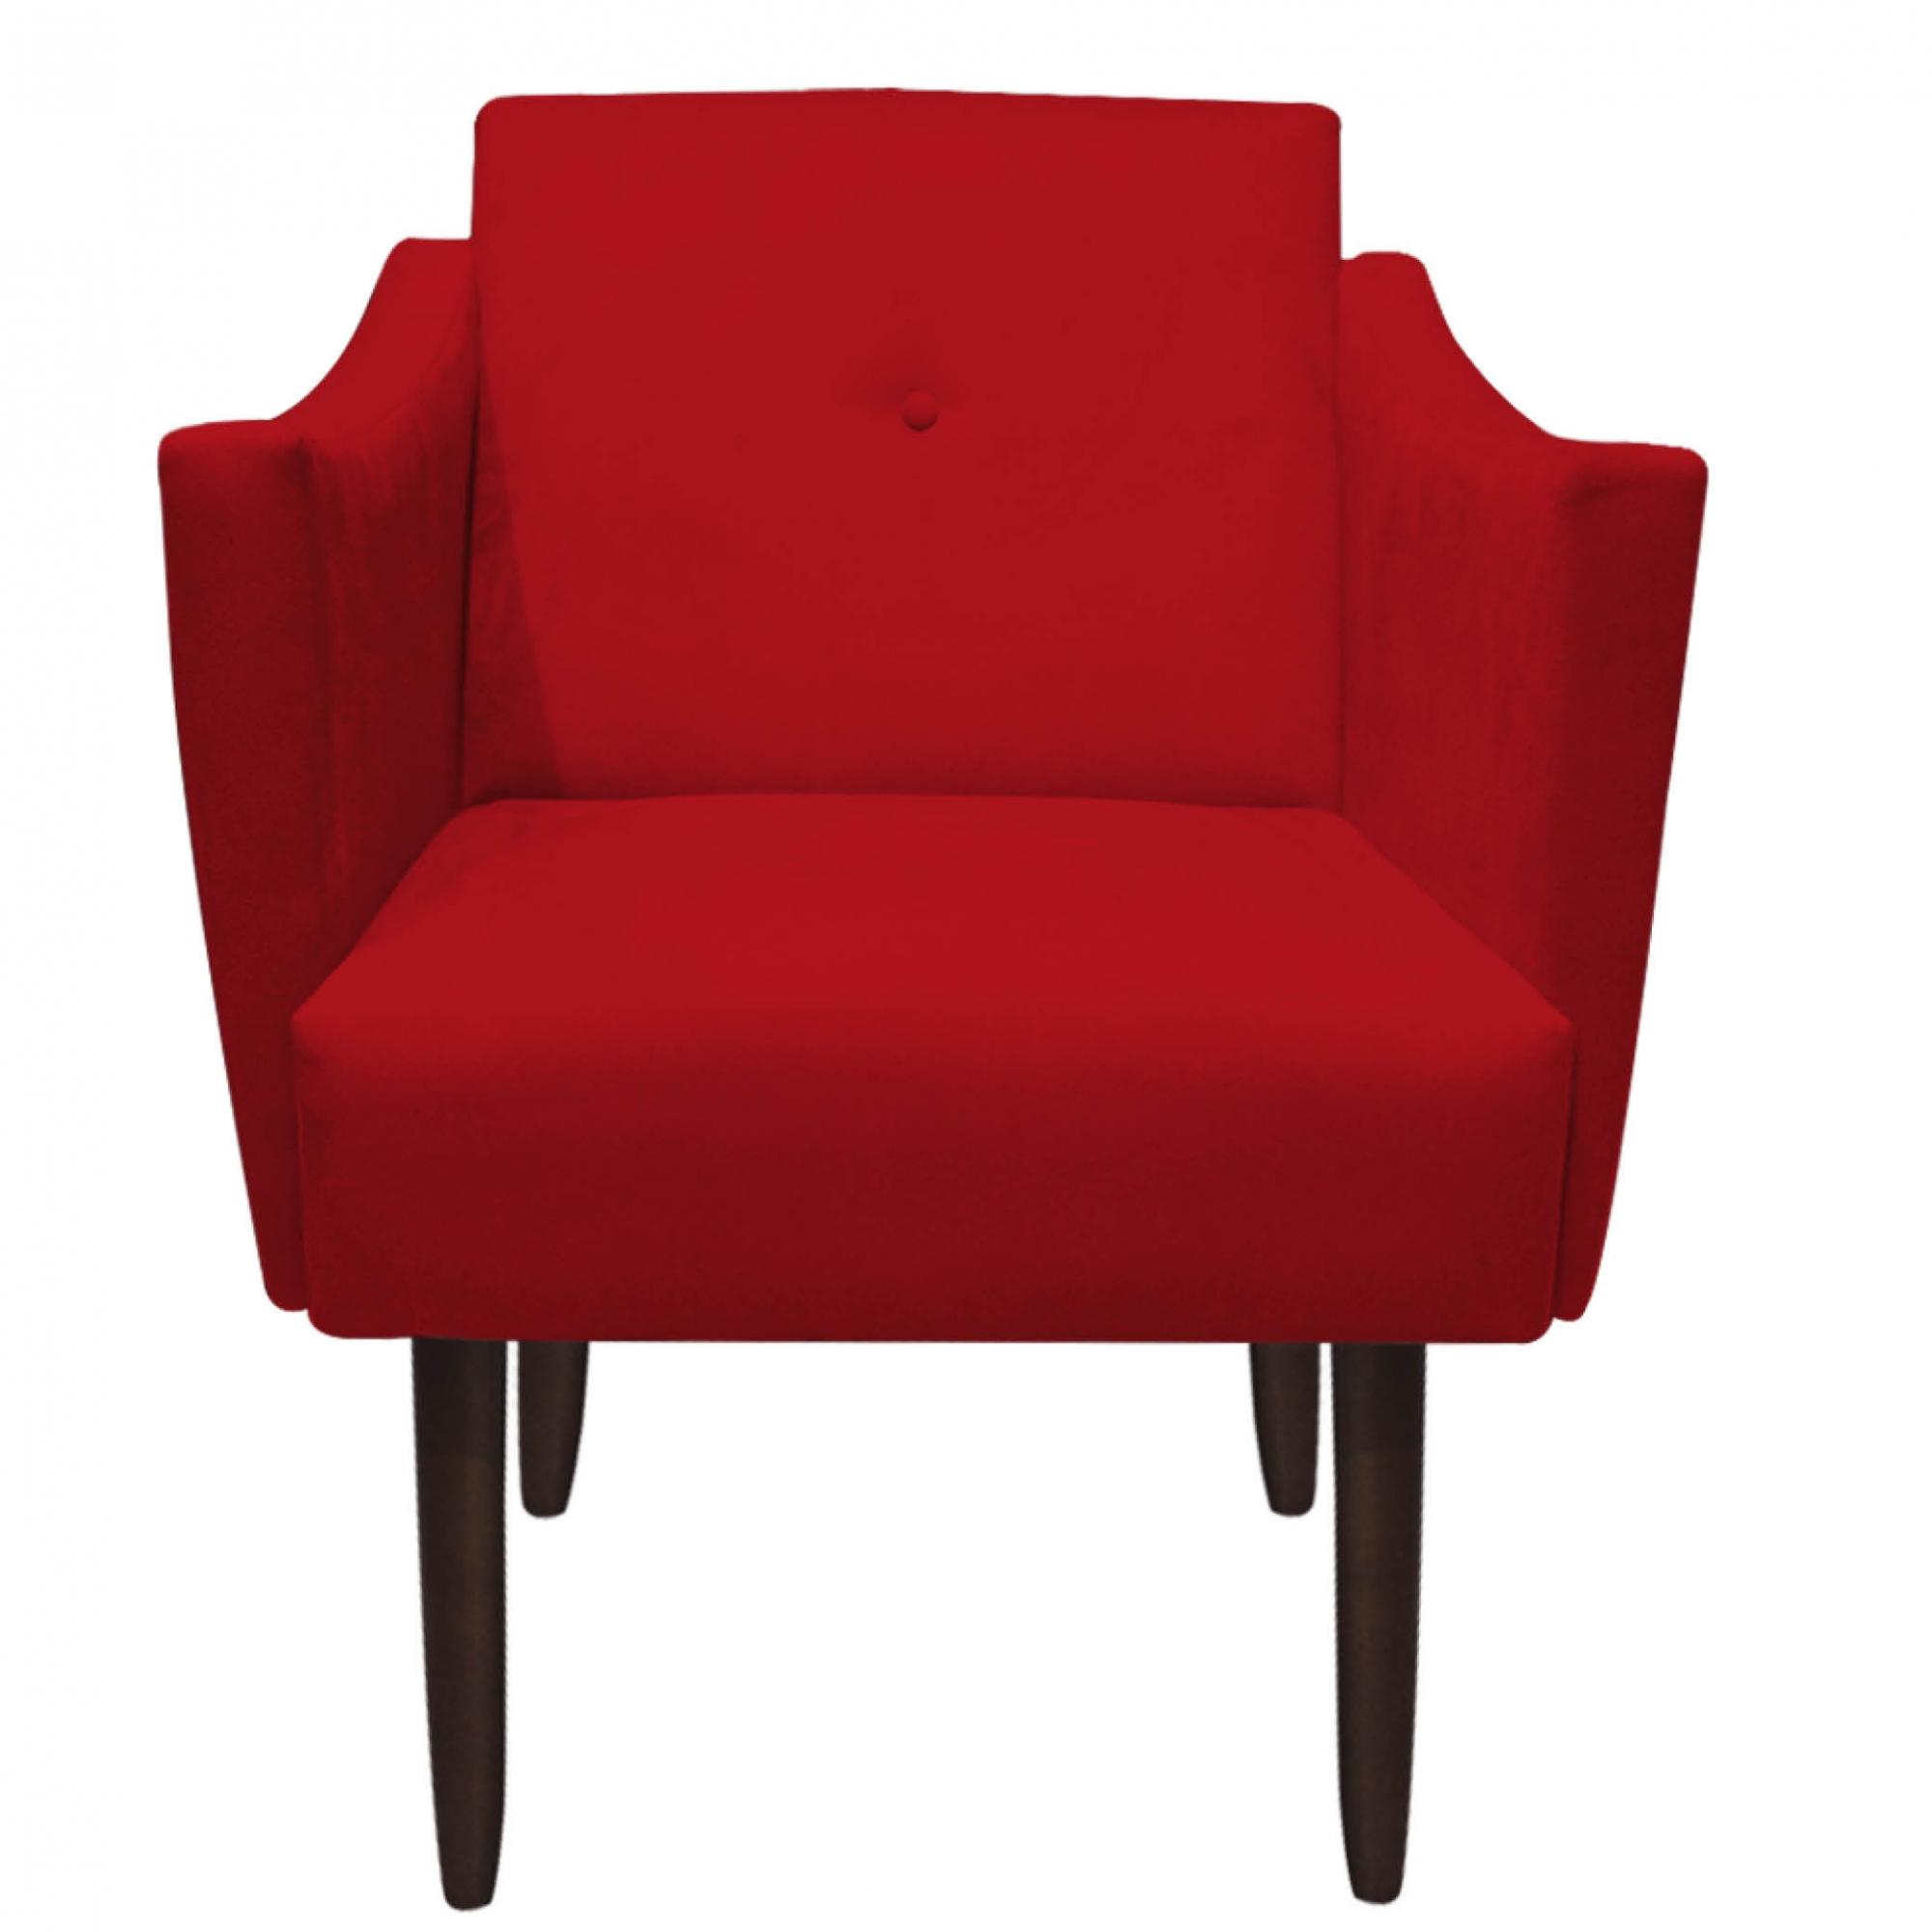 Kit 4 Poltrona Naty Decoração Clínica Salão Cadeira Recepção Escritório Sala Estar  D'Classe Decor Suede Vermelho